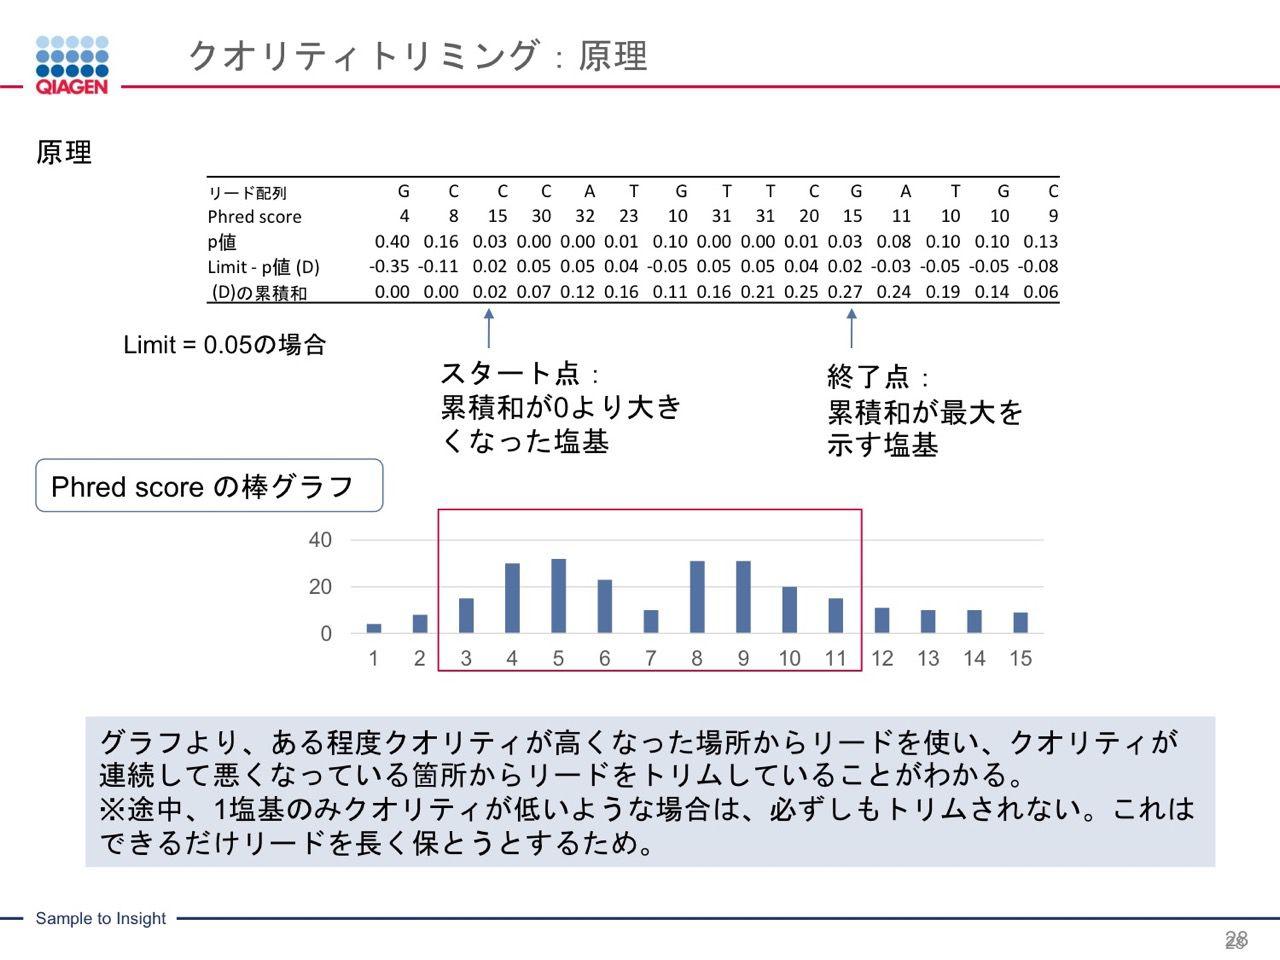 images/AJACSa2_miyamoto_028.jpg